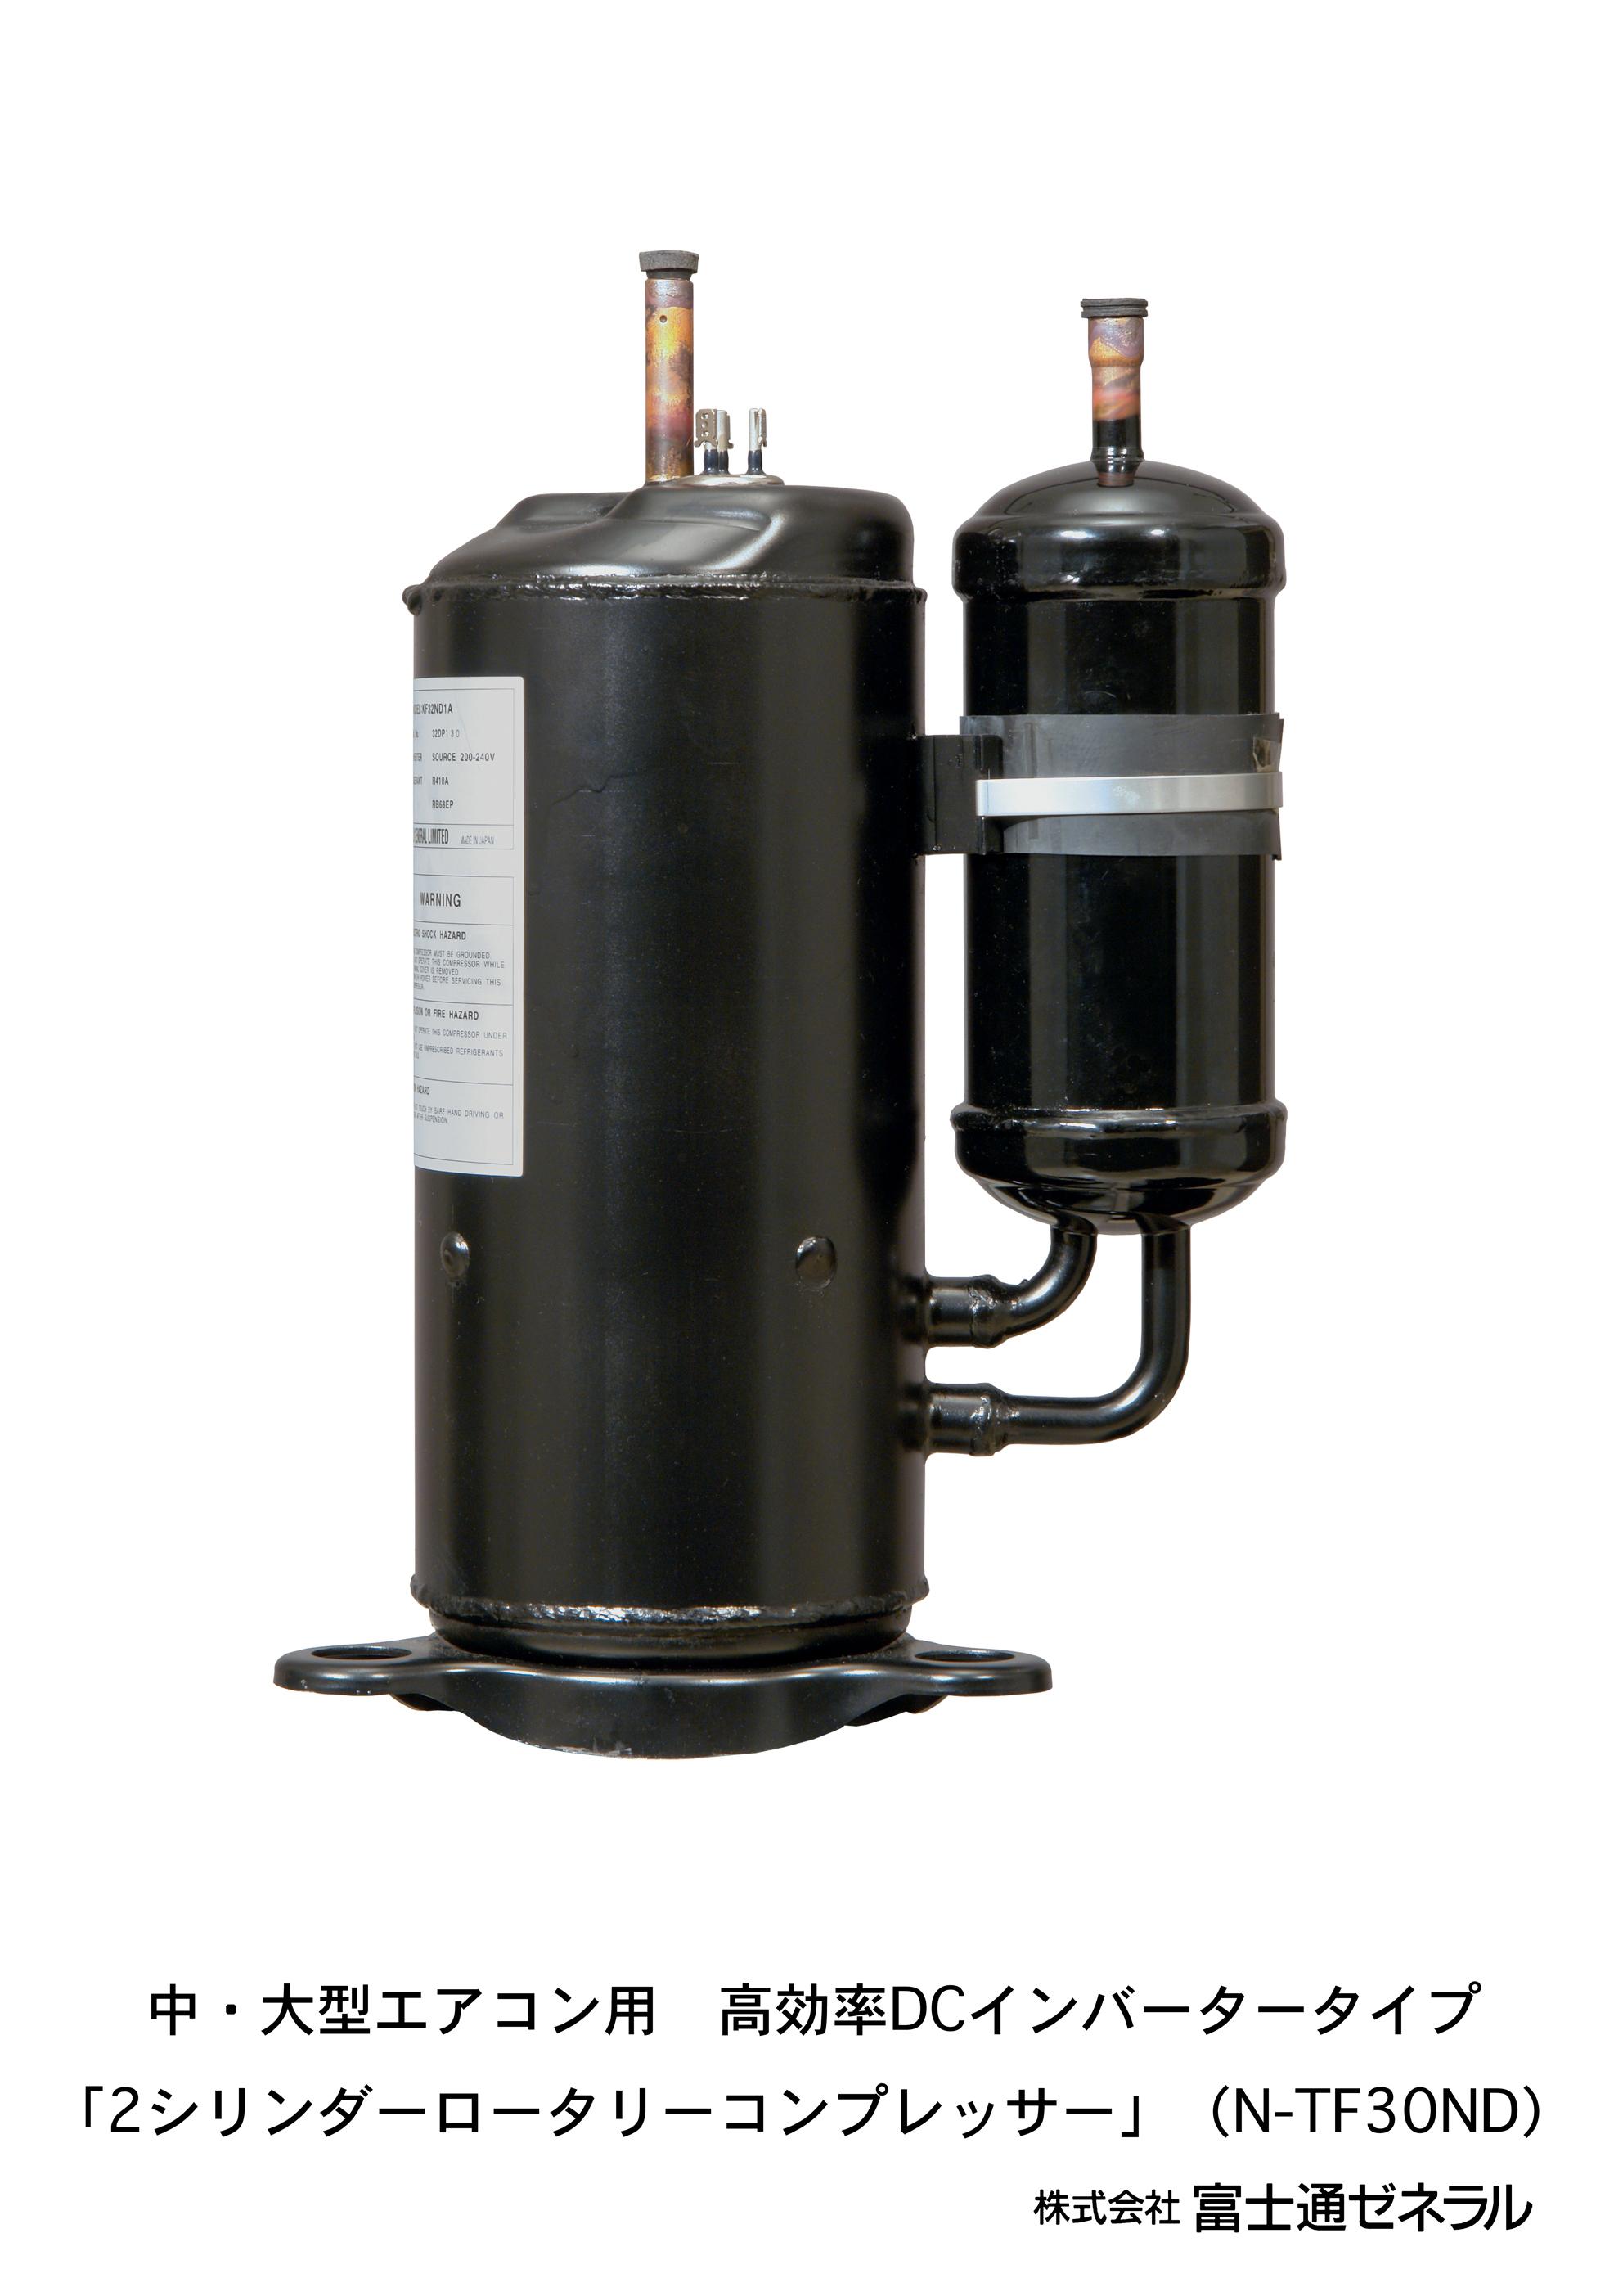 中・大型エアコン用「2シリンダーロータリーコンプレッサー」を自社開発、内製化(n Tf30nd) 富士通ゼネラル Jp